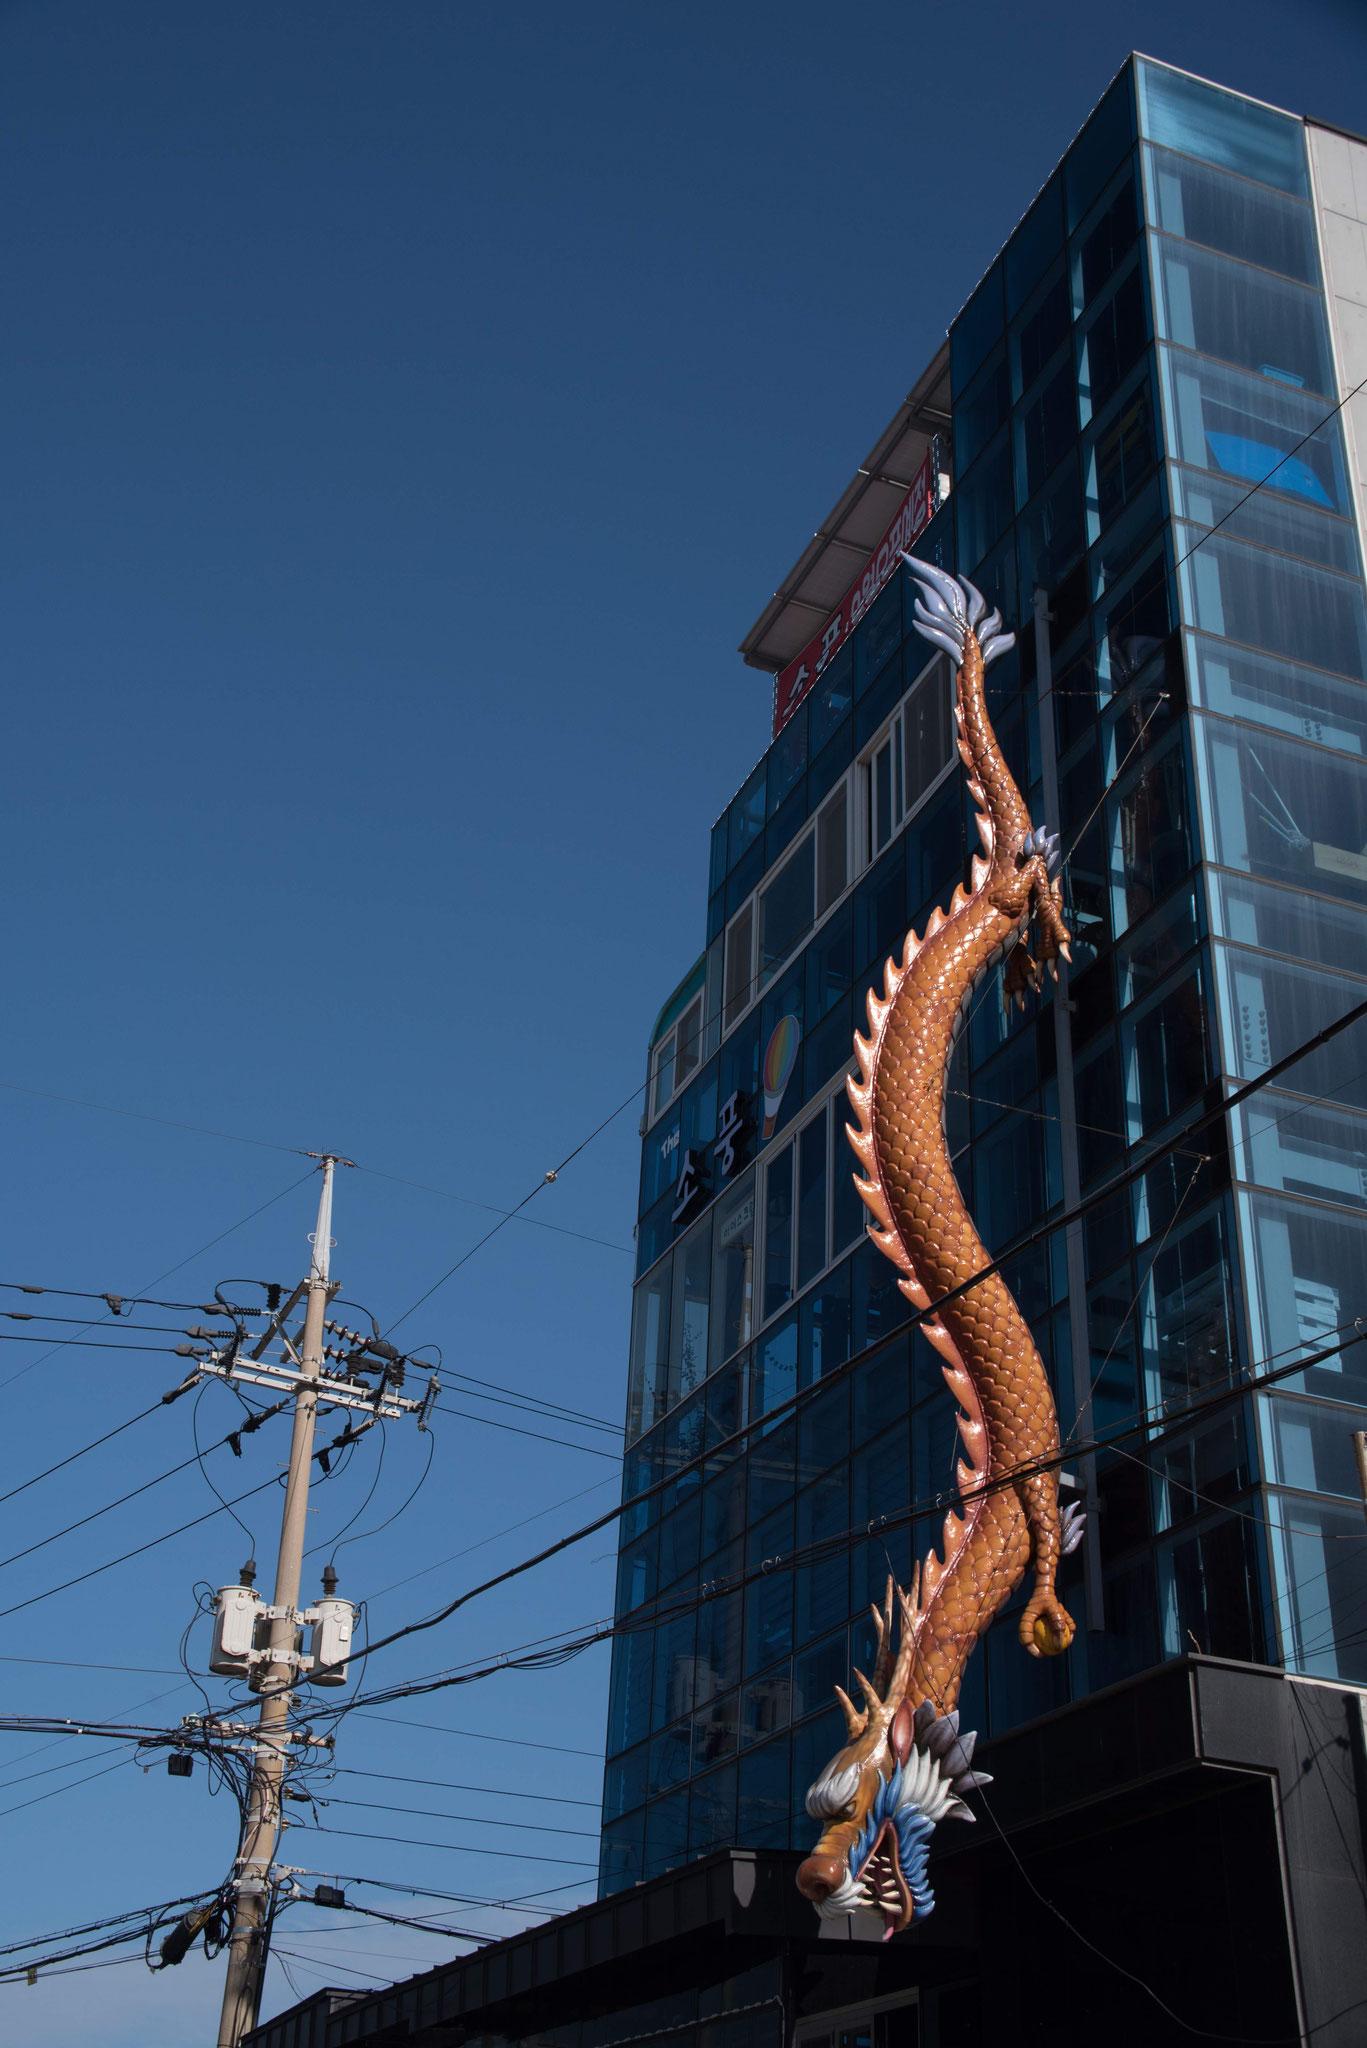 Riesiger Drache an einer Bürohochhausfassade